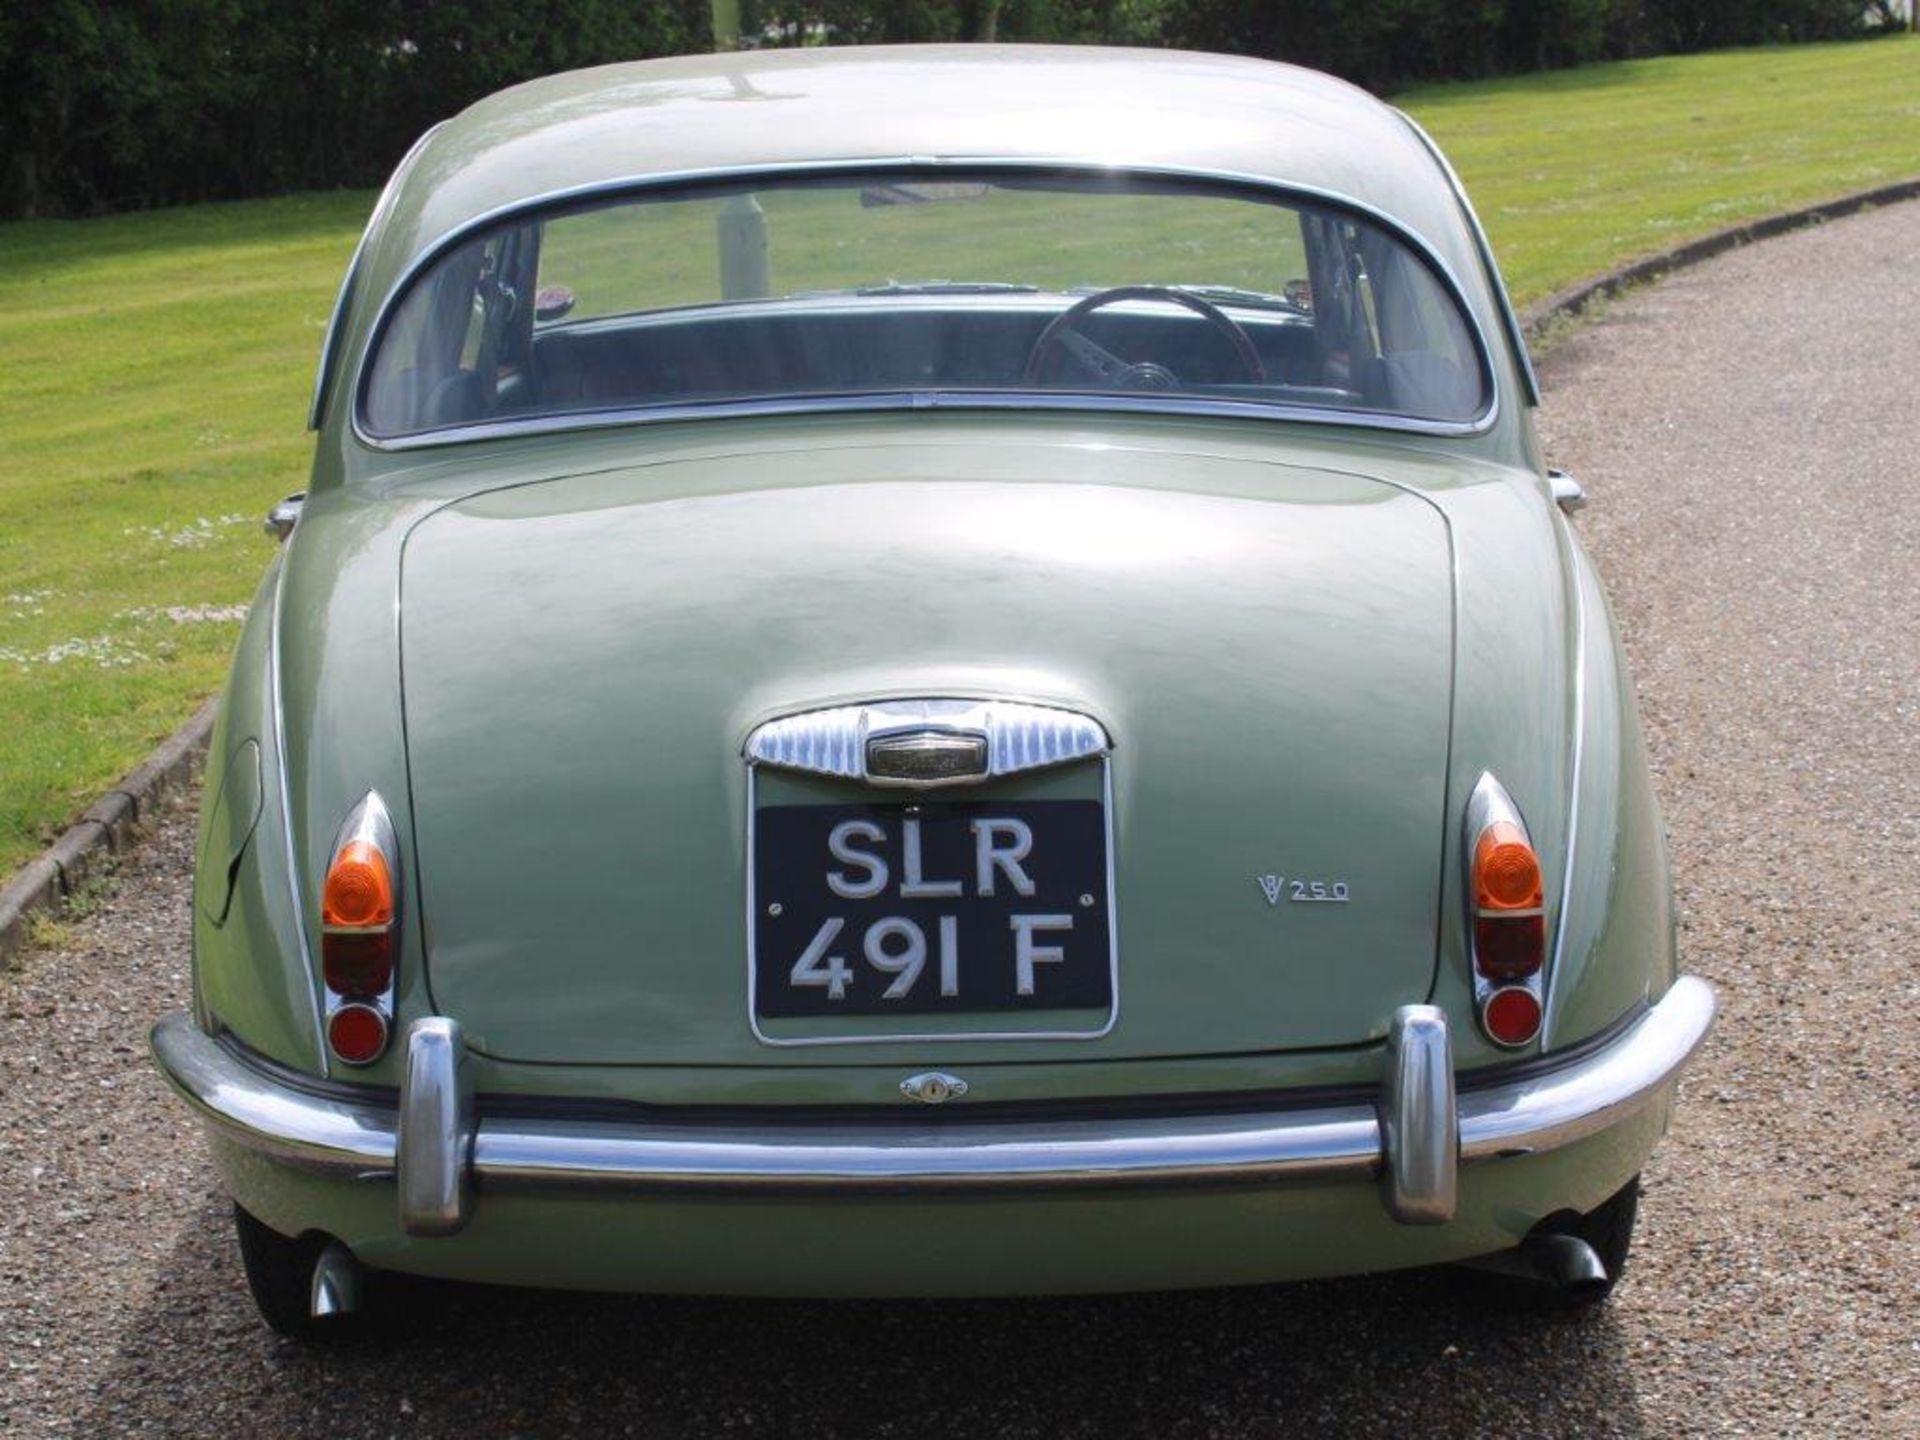 1968 Daimler V8 250 Auto - Image 7 of 30